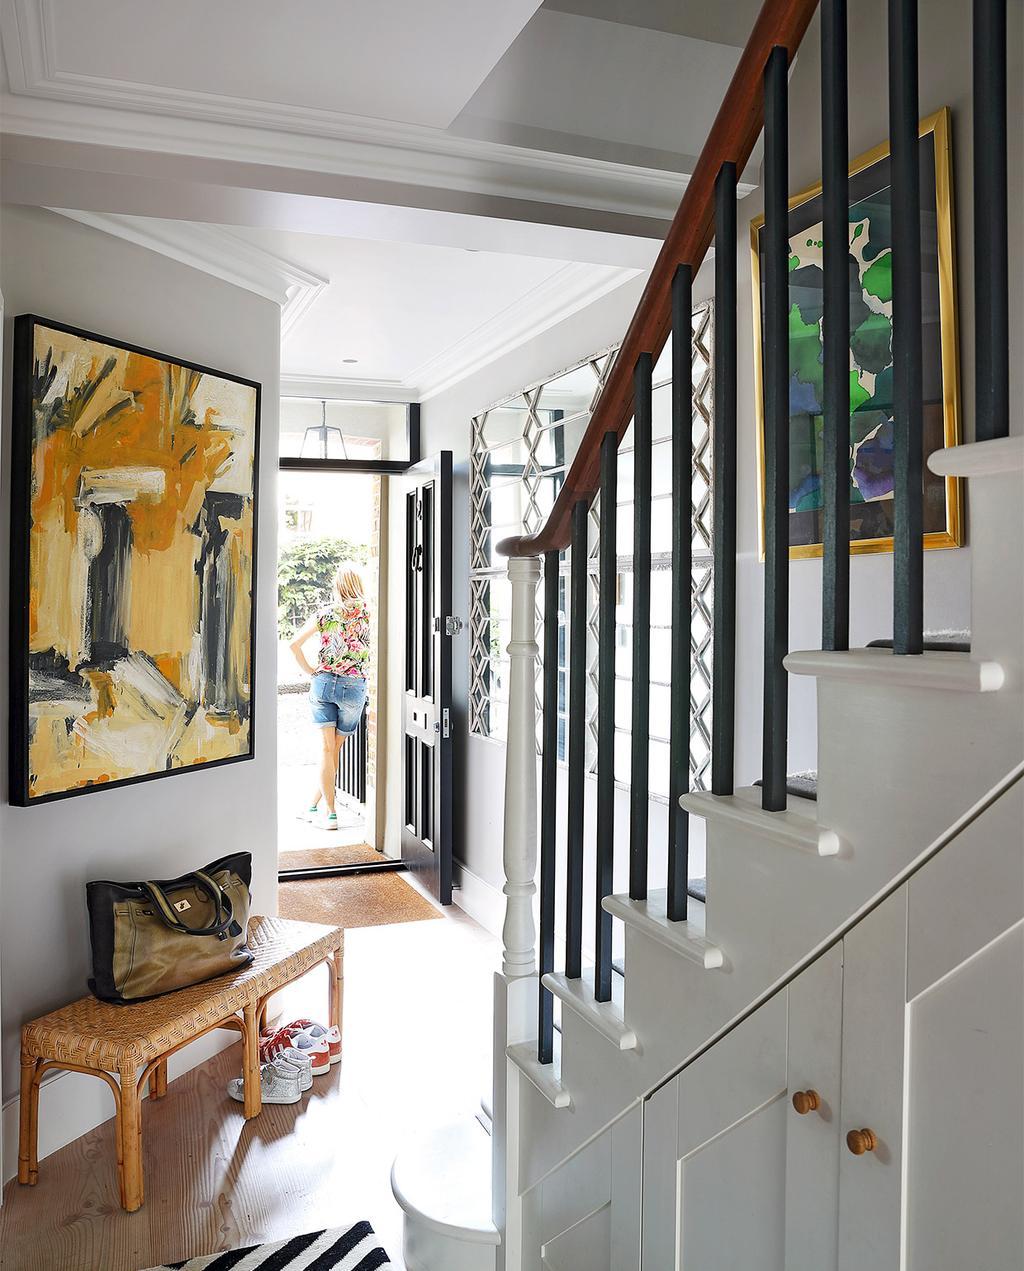 vtwonen casas especiais de verão 07-2021 |  escada no corredor com obras de arte